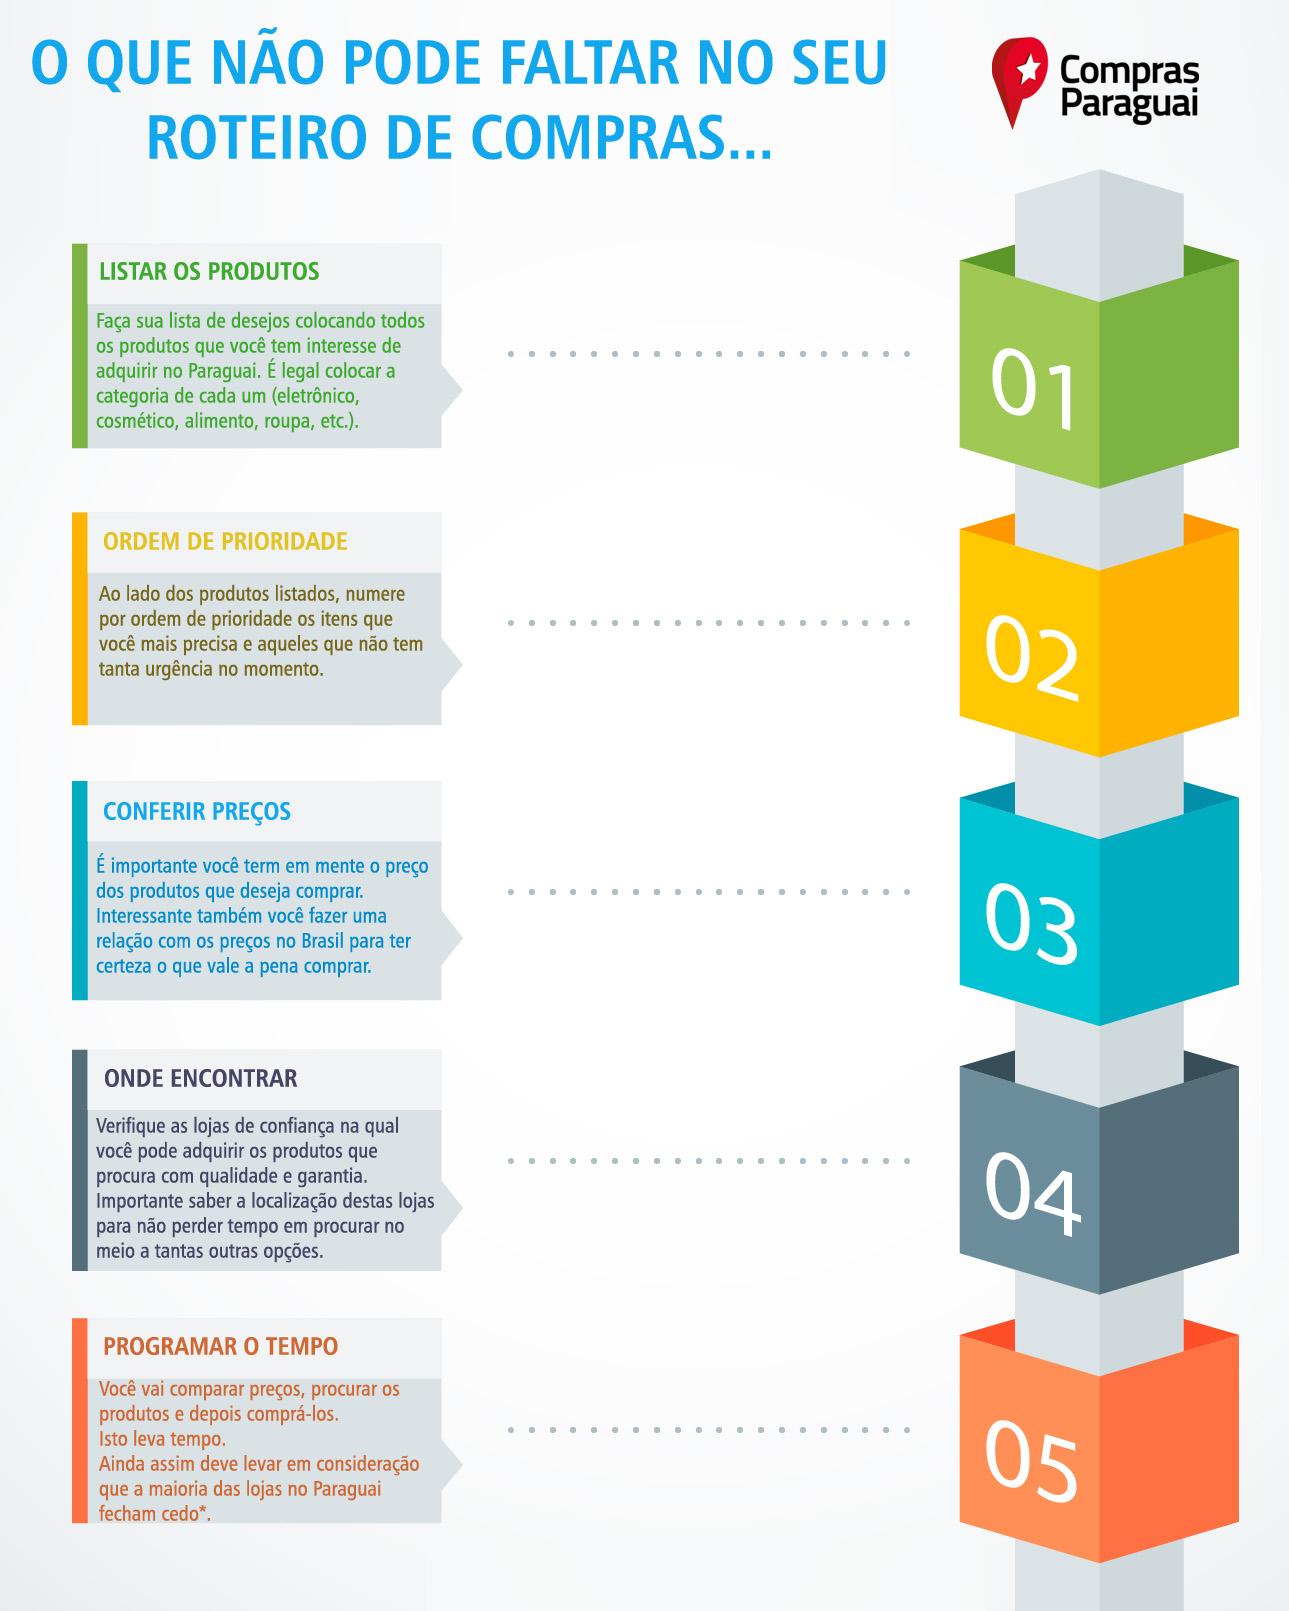 Infográfico 2: o que não pode faltar no seu roteiro de compras